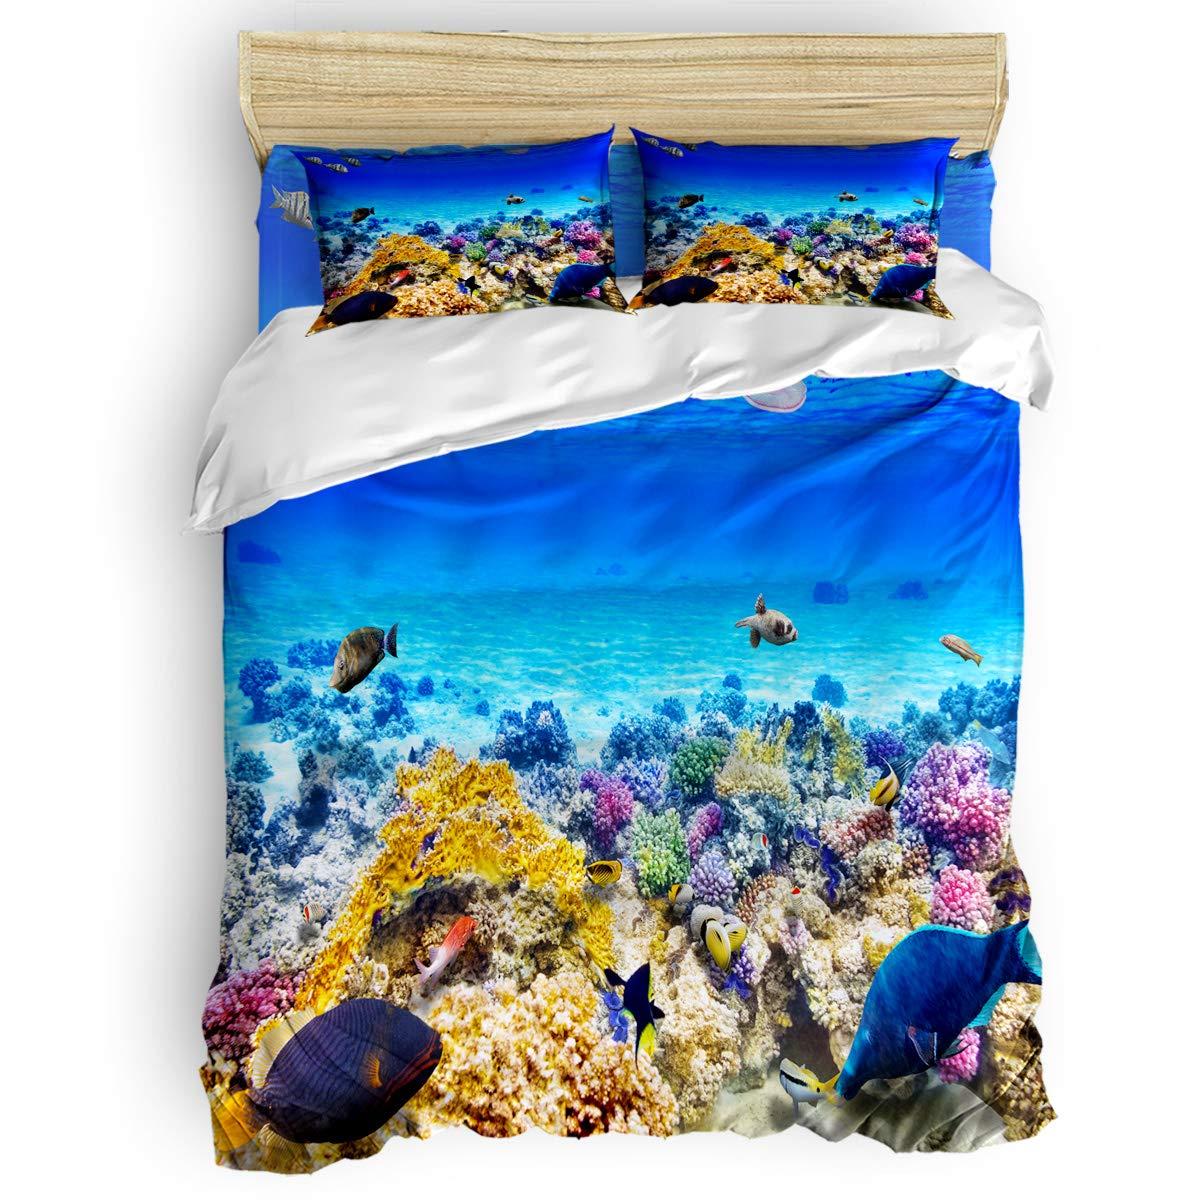 掛け布団カバー 4点セット 抽象的なビーチパターン イエロー 寝具カバーセット ベッド用 べッドシーツ 枕カバー 洋式 和式兼用 布団カバー 肌に優しい 羽毛布団セット 100%ポリエステル ダブル B07TC3LDR2 Coral reefLAS4320 ダブル